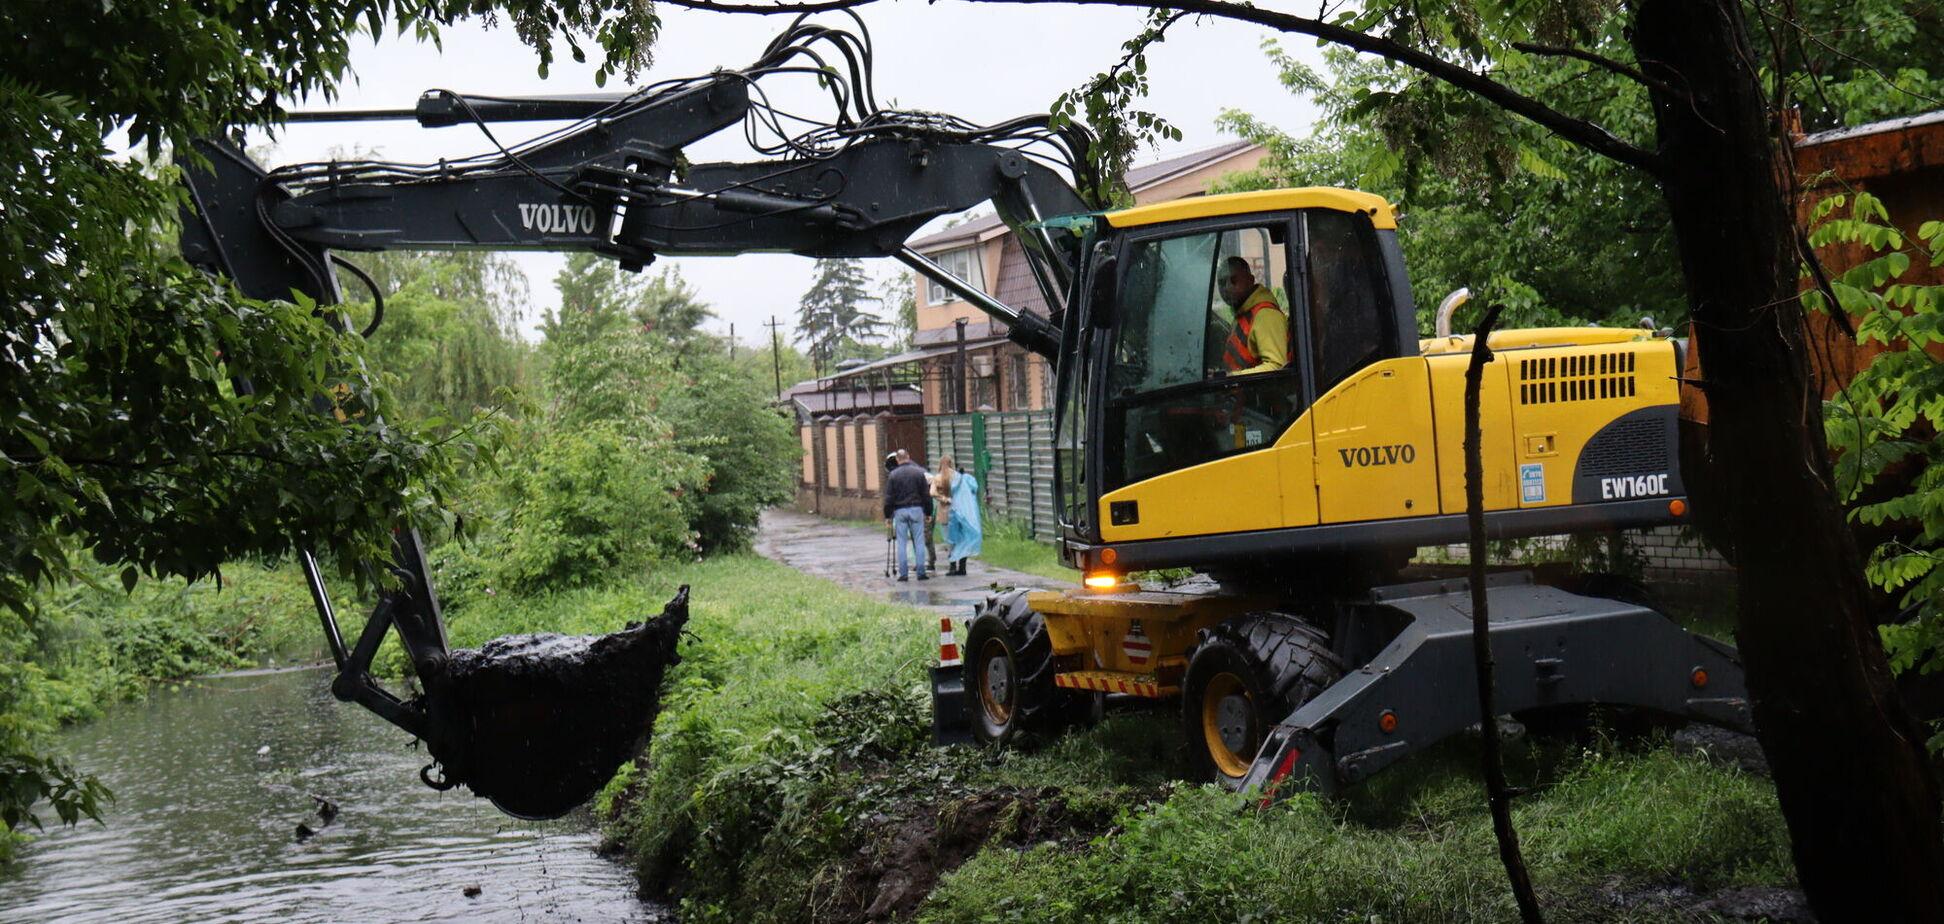 В Днепре расчищают канал Гнилокиш, чтобы предотвратить подтопление частных домовладений